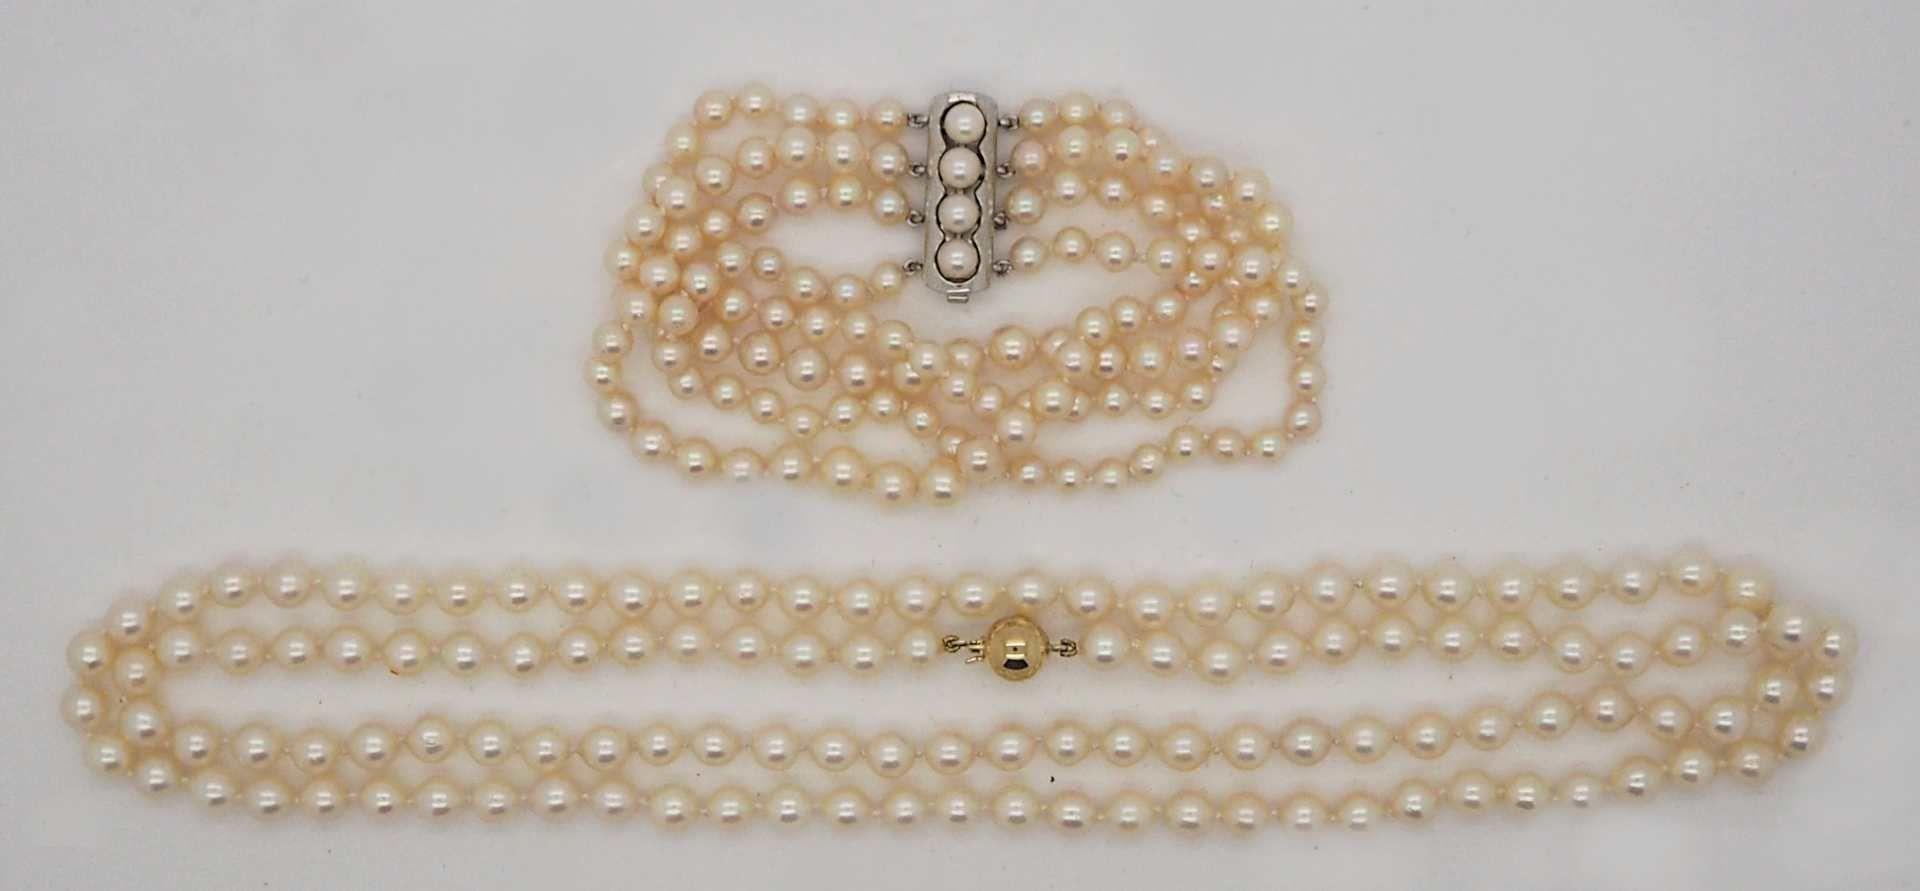 1 Perlenkette, Verschluss GG 14ct., 1 Perlenarmband, Verschluss Silber 925